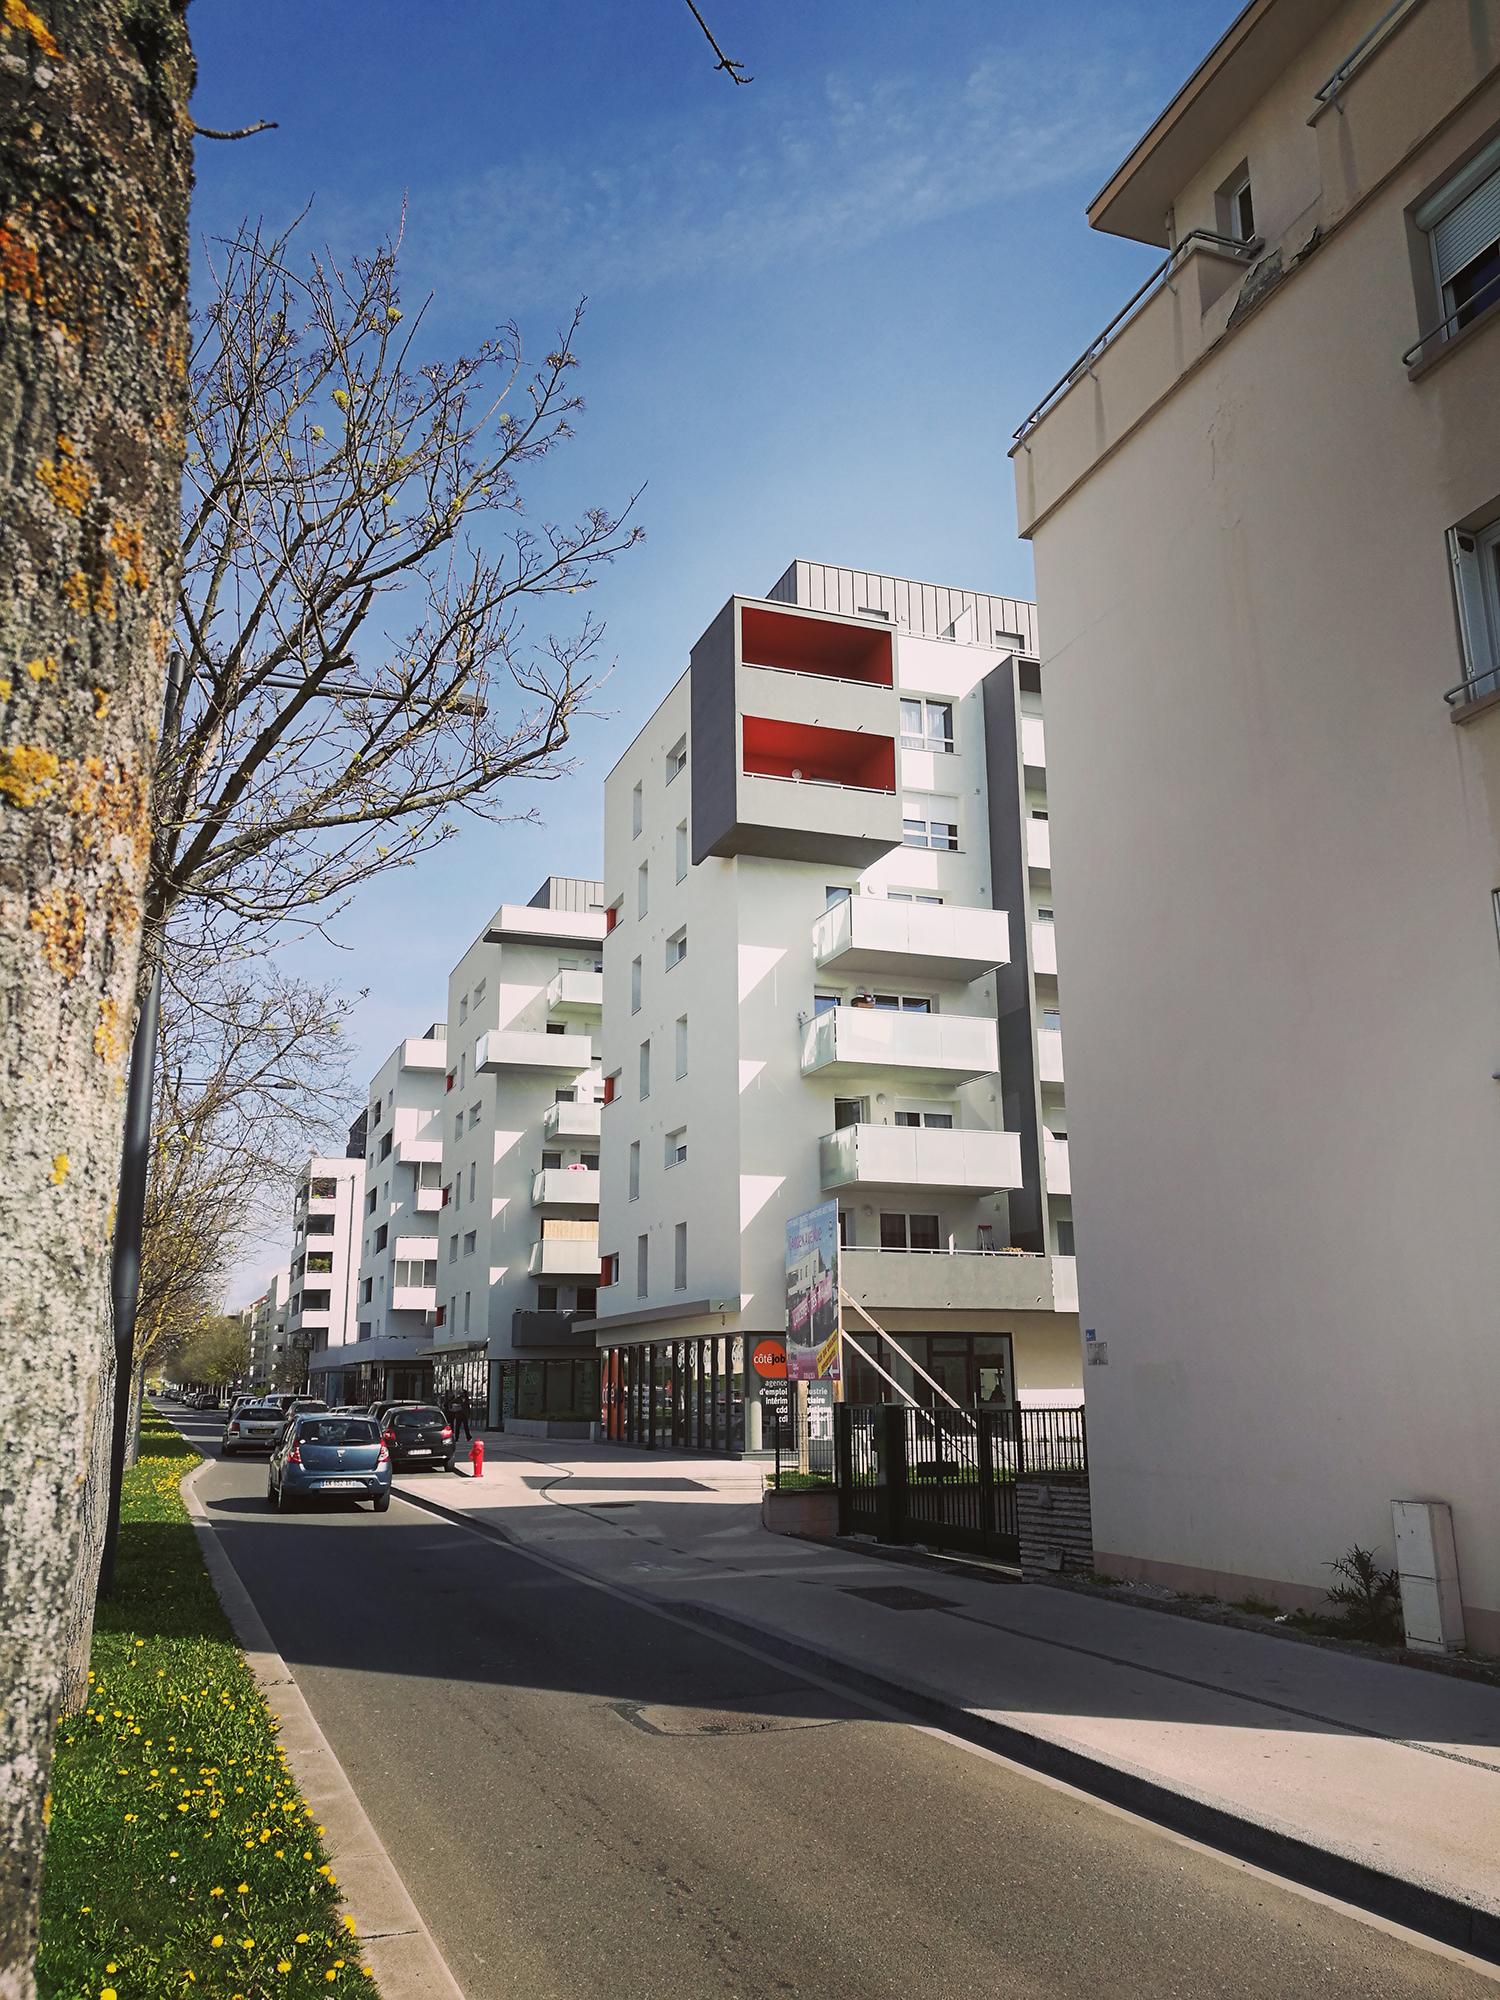 56-logements-sociaux-habellis-avenue-de-langres-villéo-dijon-photo-sud